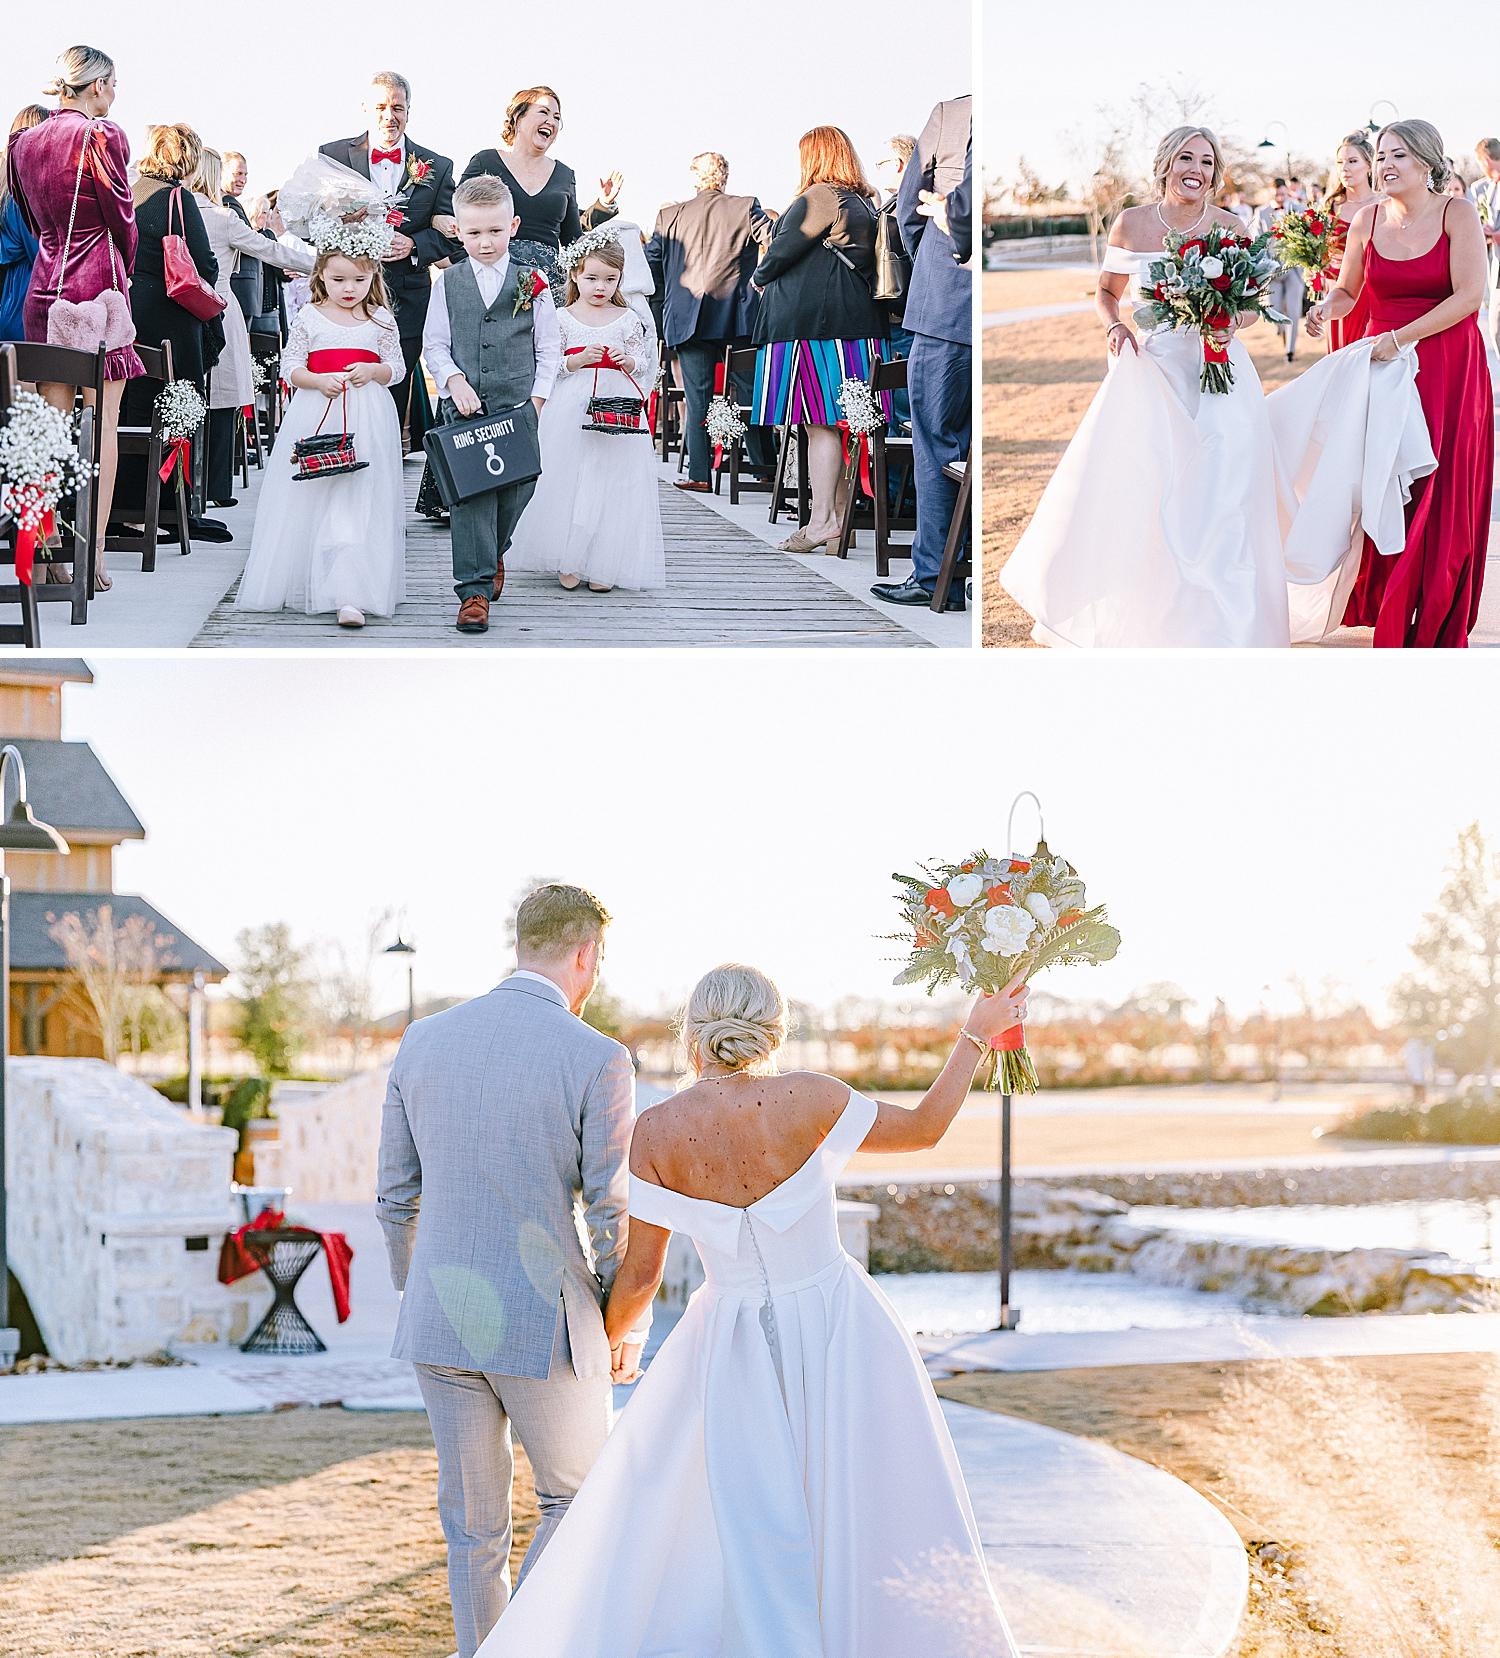 College-Station-Aggie-Wedding-The-Weinberg-at-Wixon-Valley-Christmas-Hallmark-Wedding_0056.jpg